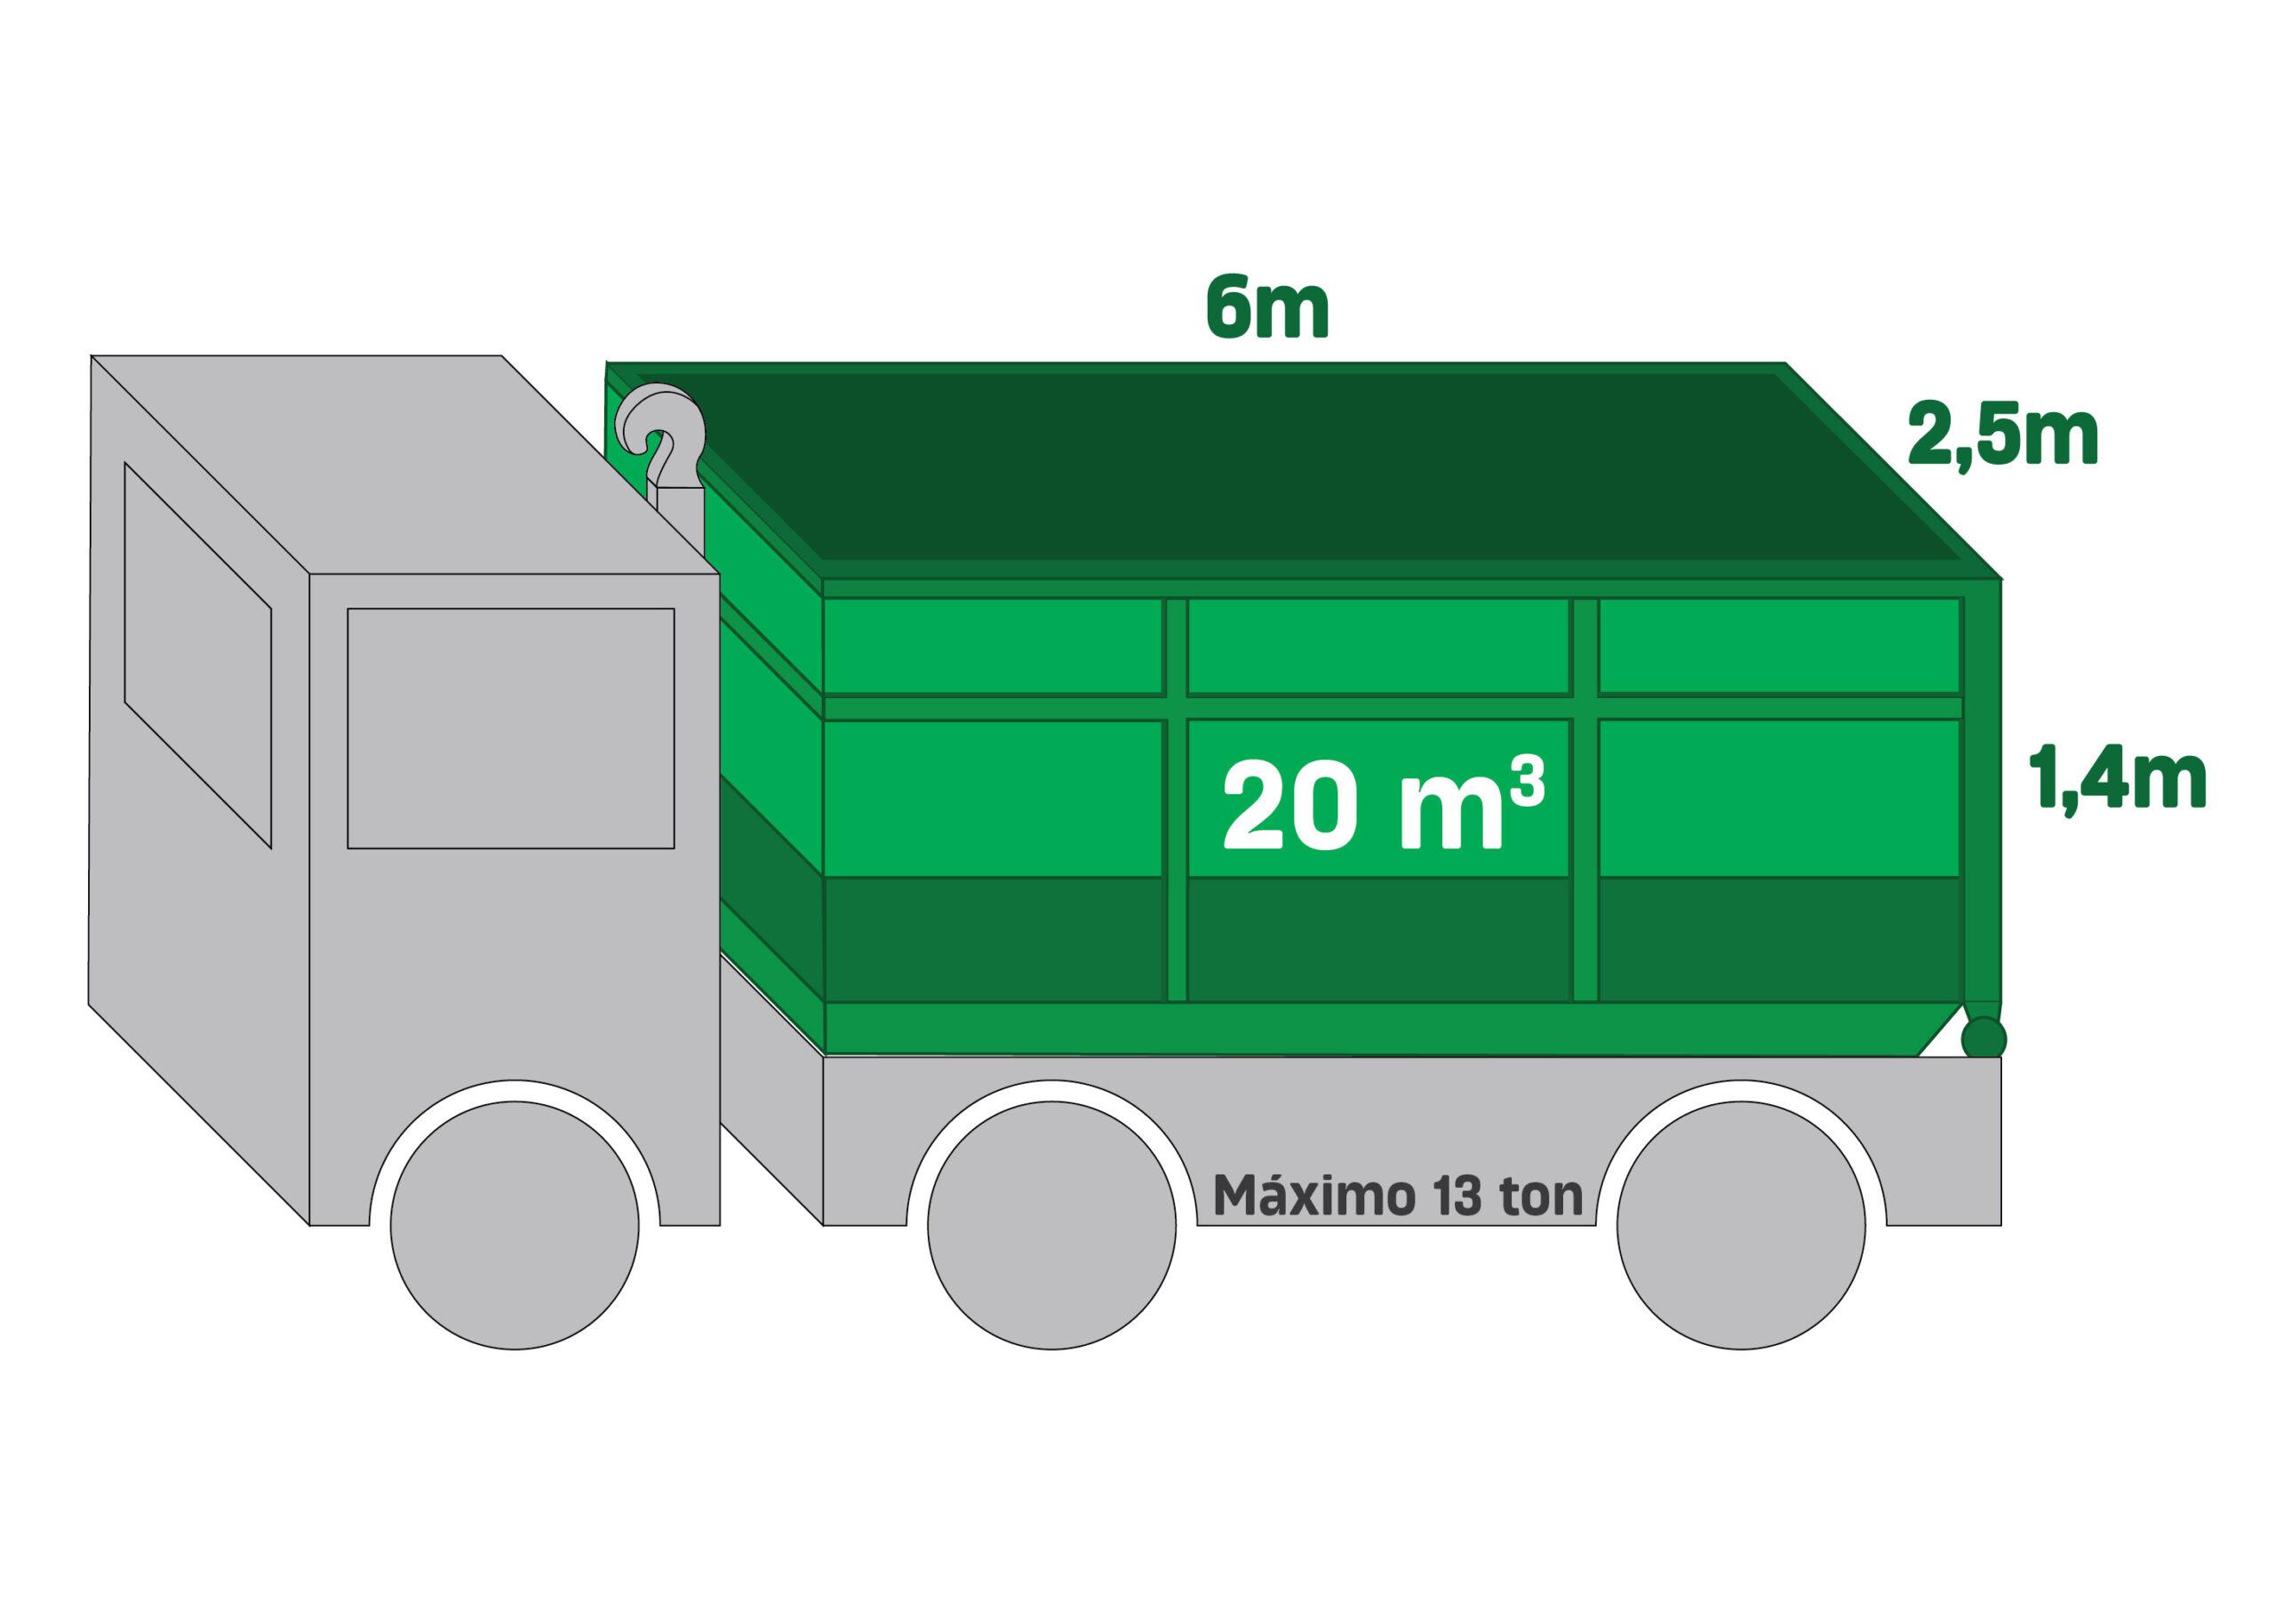 Las cajas RollOff de 20m3 tienen una base de 6m 2,5m y una altura de 1,4m. Pueden soportar hasta 13 toneladas.